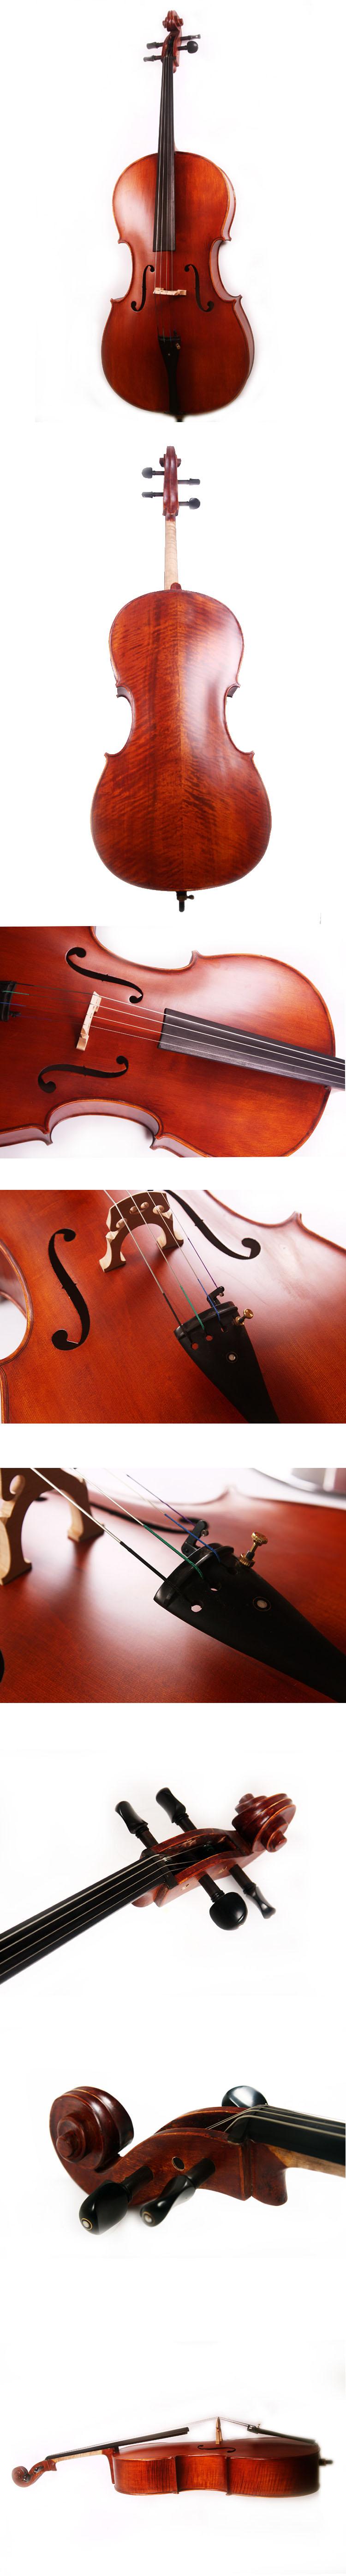 里歌lige 衫木4_4大提琴LCO-617_06.jpg